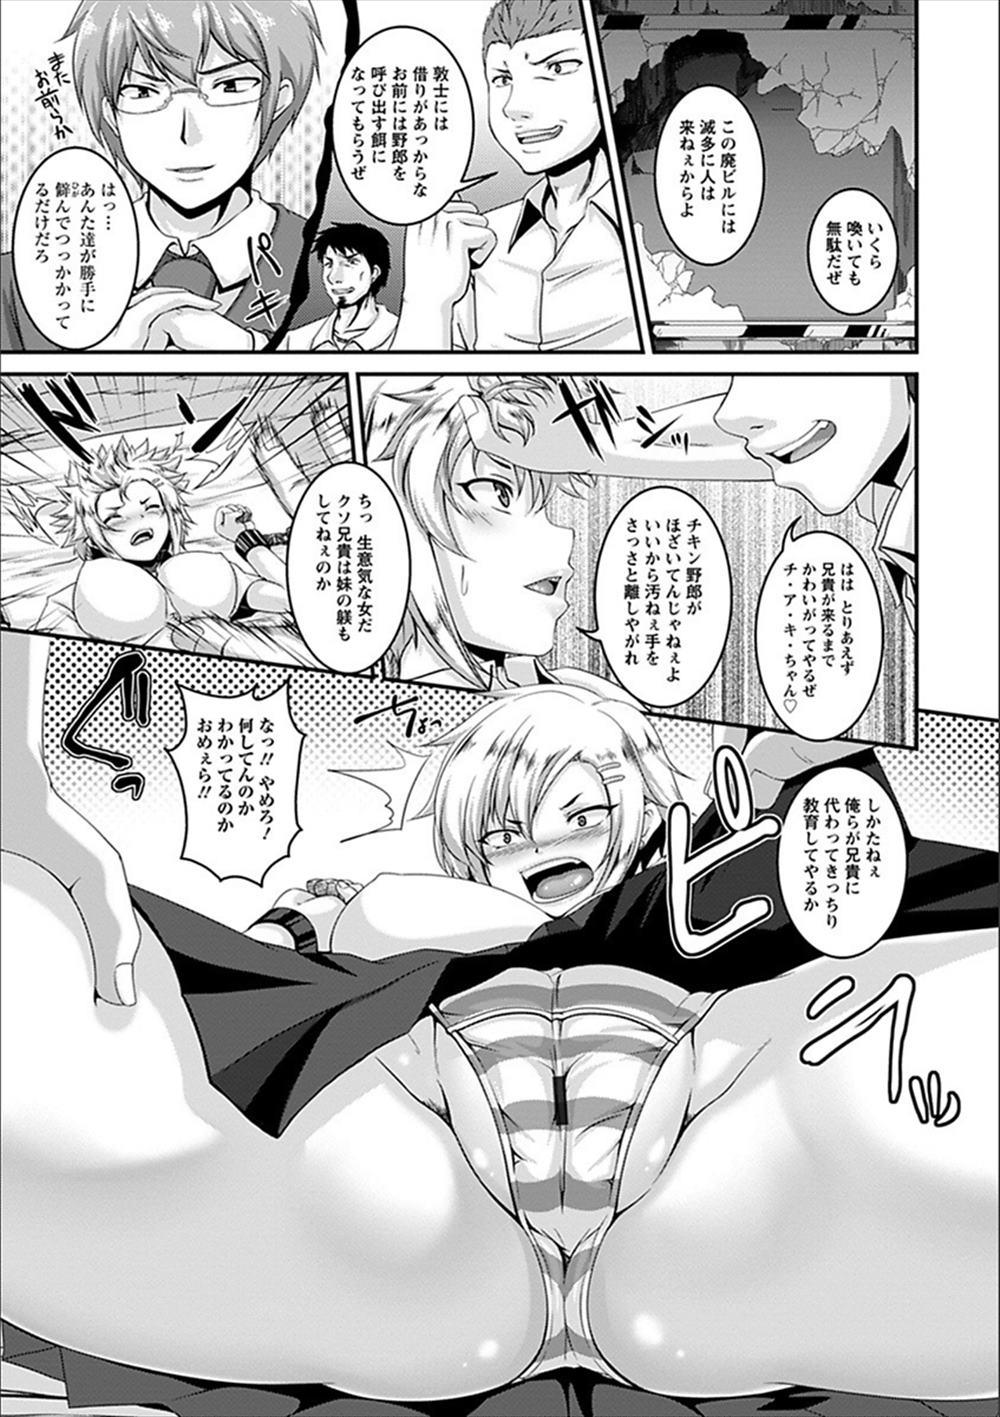 【エロ漫画】ブラコン妹が不良に絡まれて拘束薬漬けレイプされ肉便器に…